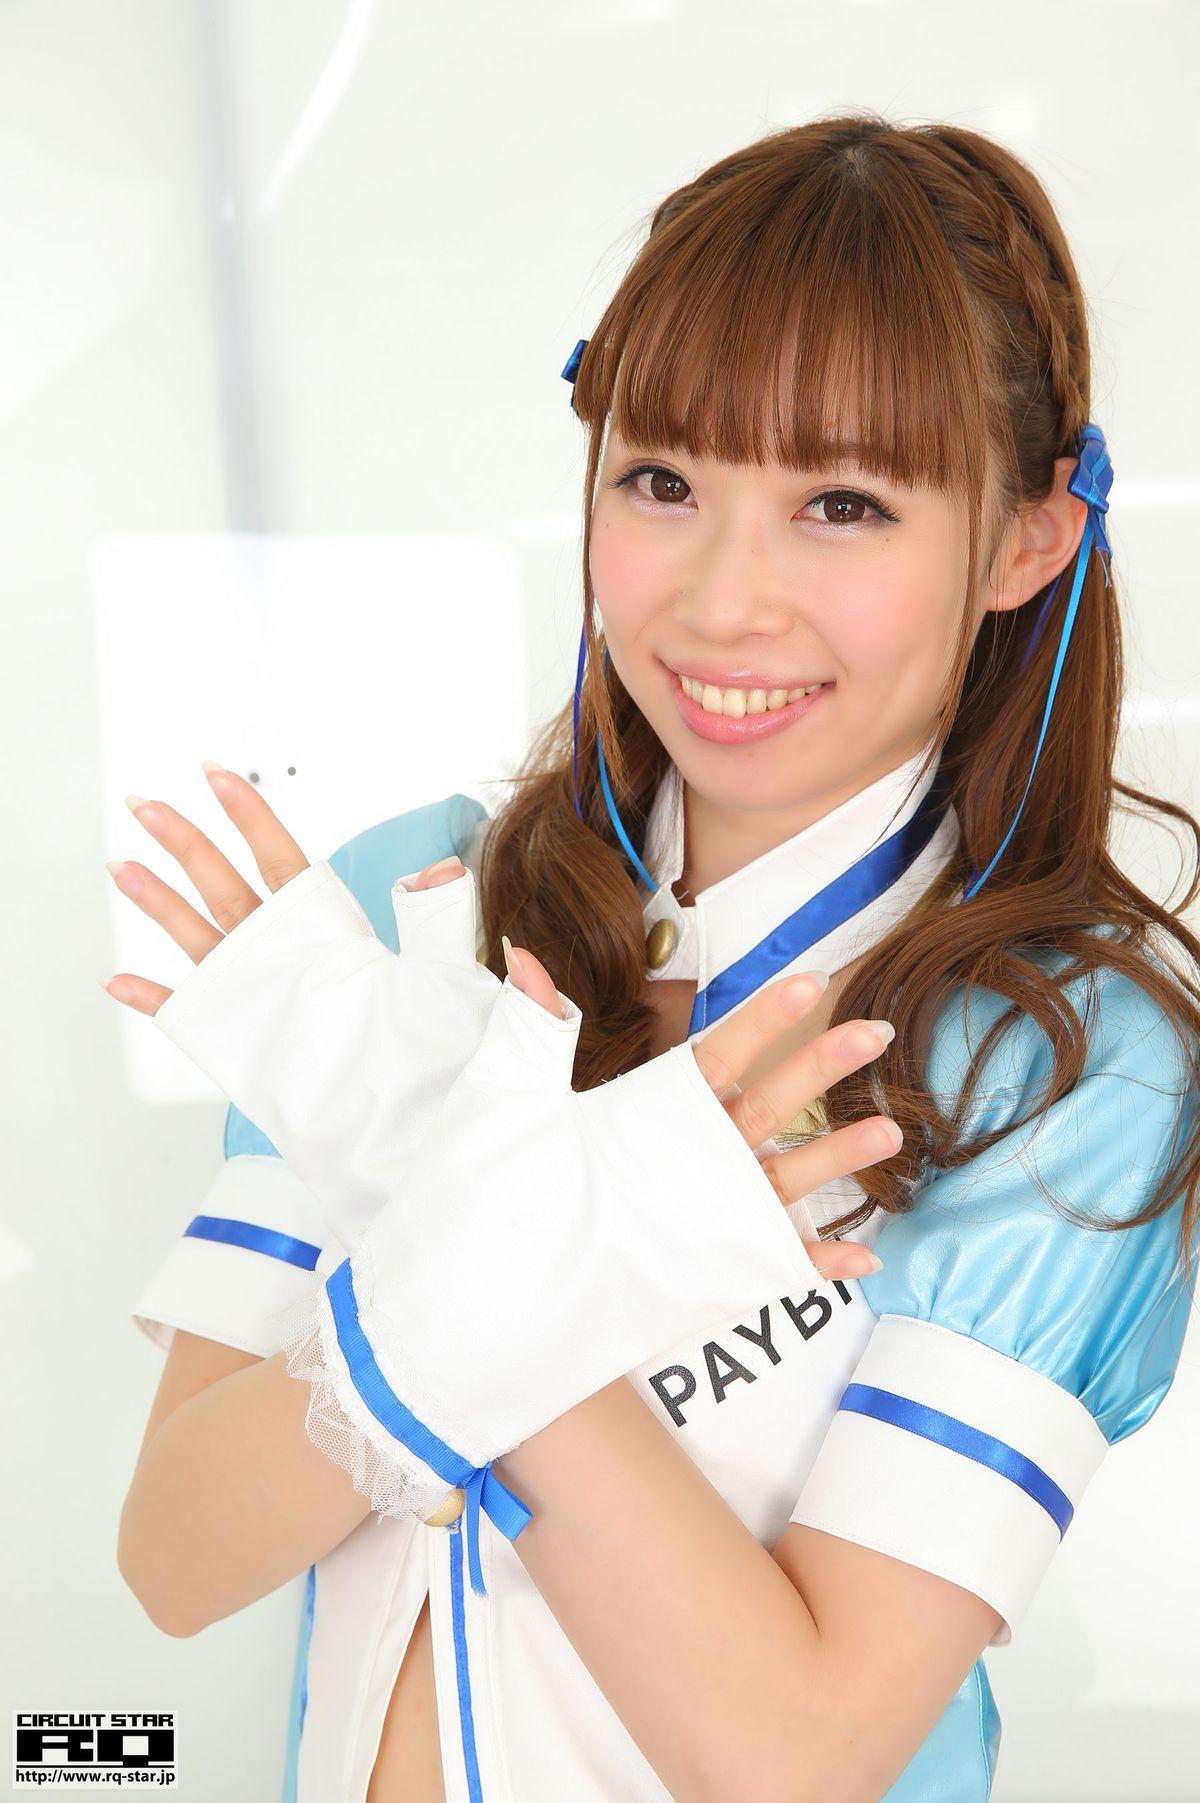 望月さとみ Satomi Mochizuki《Race Queen》 [RQ-STAR] NO.01279 写真集-美女